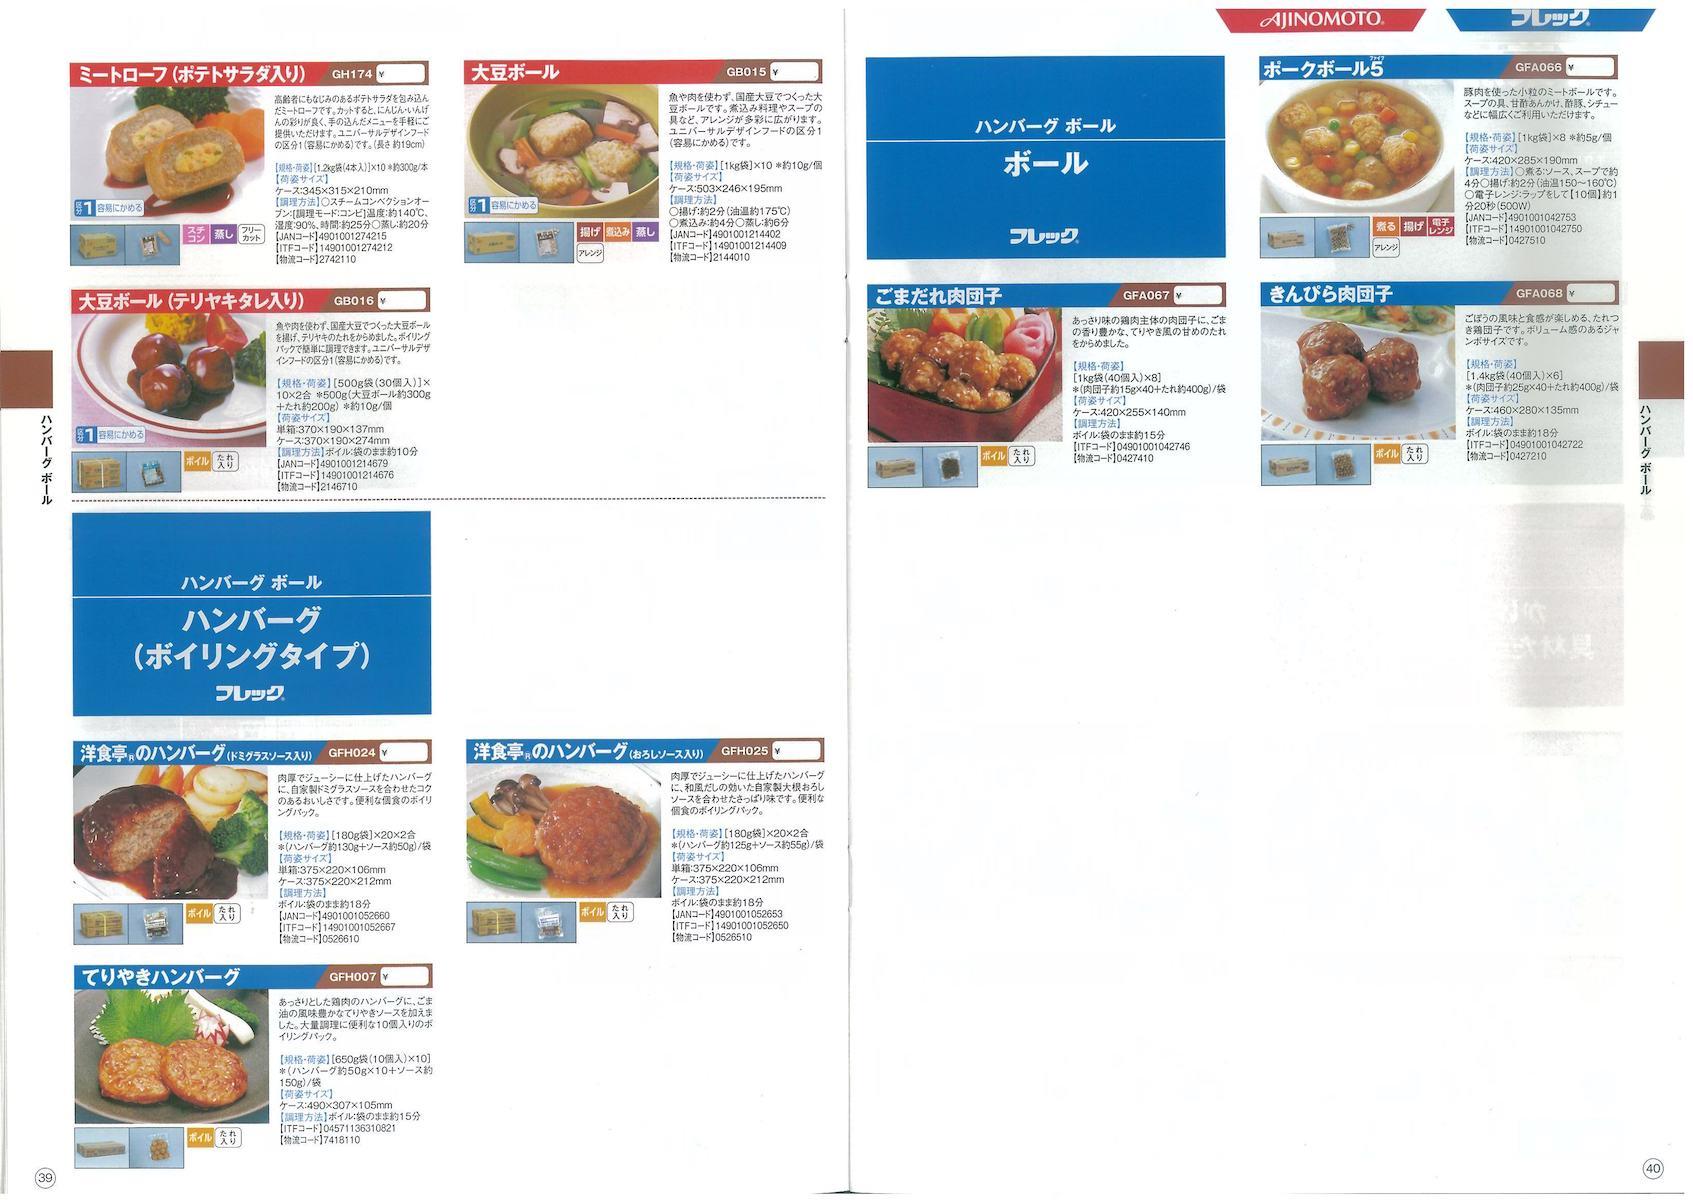 味の素冷凍食品 ミートローフ(ポテトサラダ入り) 大豆ボール 大豆ボール(テリヤキタレ入り) ハンバーグ(ボイリングタイプ) 洋食亭のハンバーグ(ドミグラスソース入り) 洋食亭のハンバーグ(おろしソース入り) てりやきハンバーグ ボール ポークボール5 ごまだれ肉団子 きんぴら肉団子